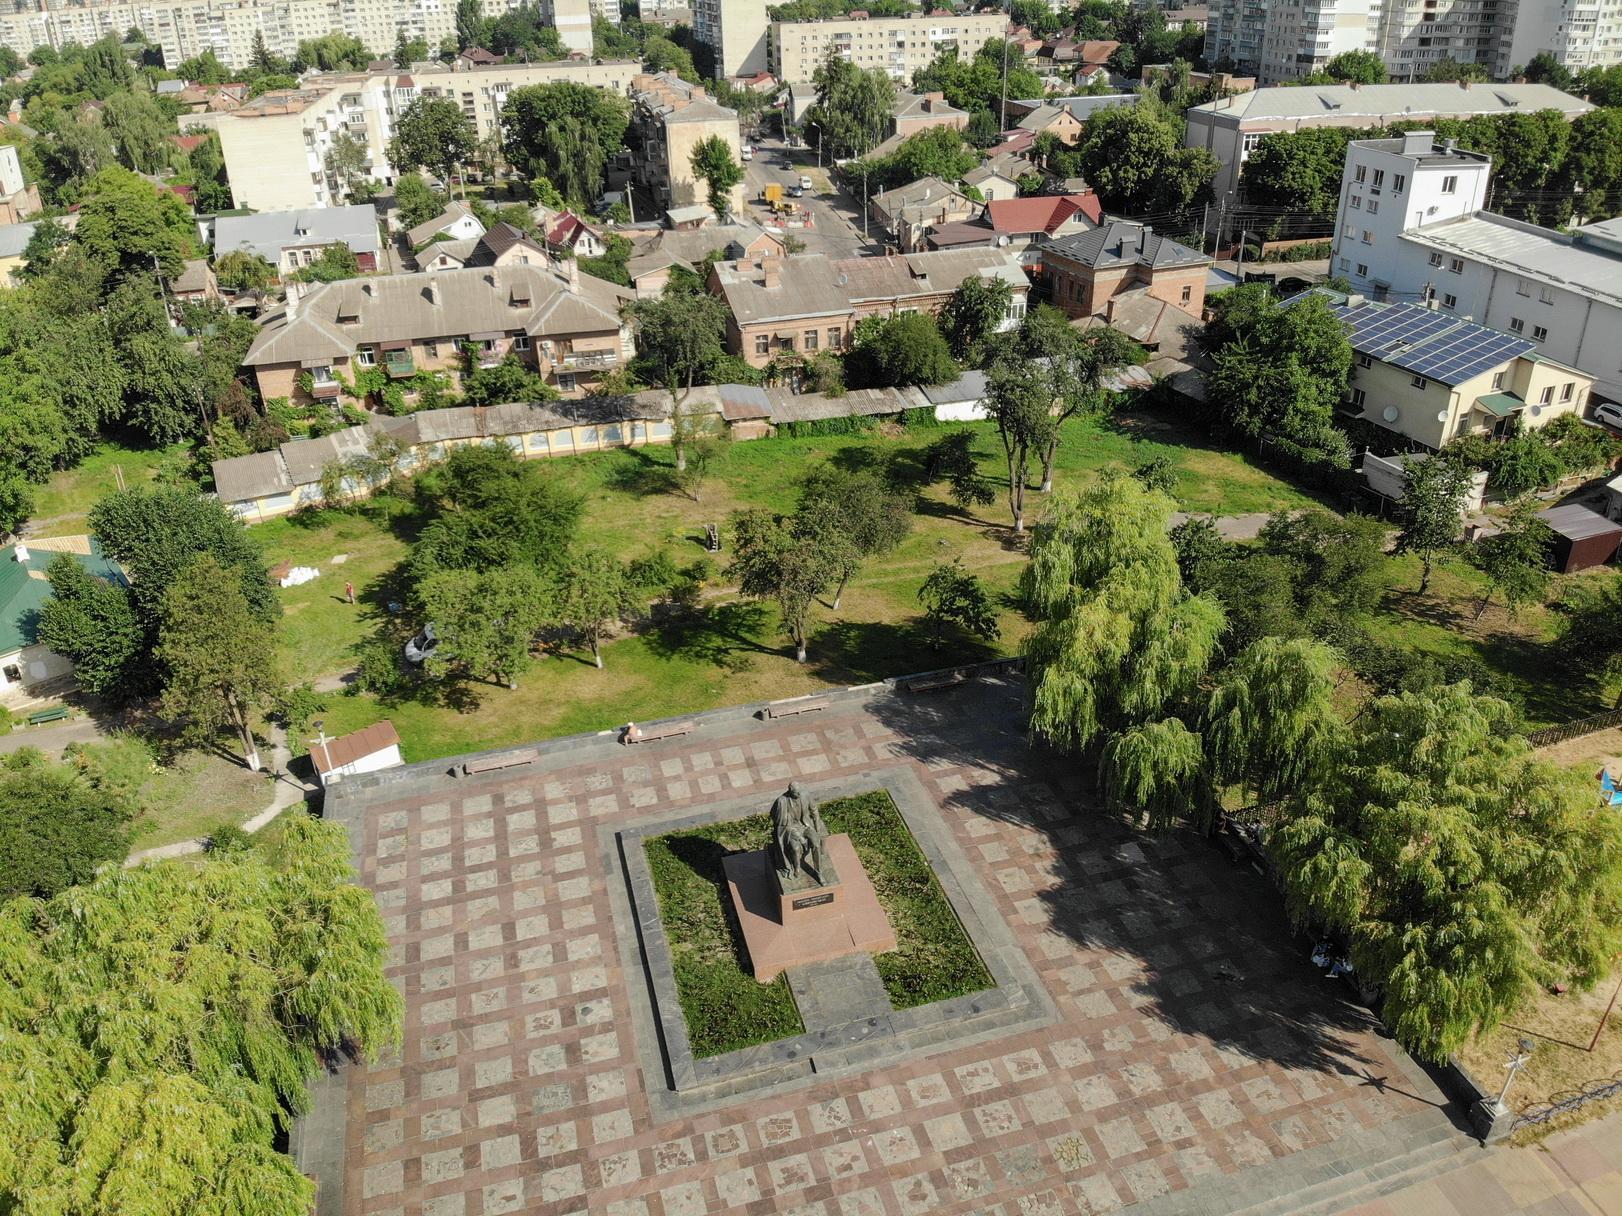 У музеї Коцюбинського реставрують приміщення та працюють над інтерактивною виставкою (Фото)